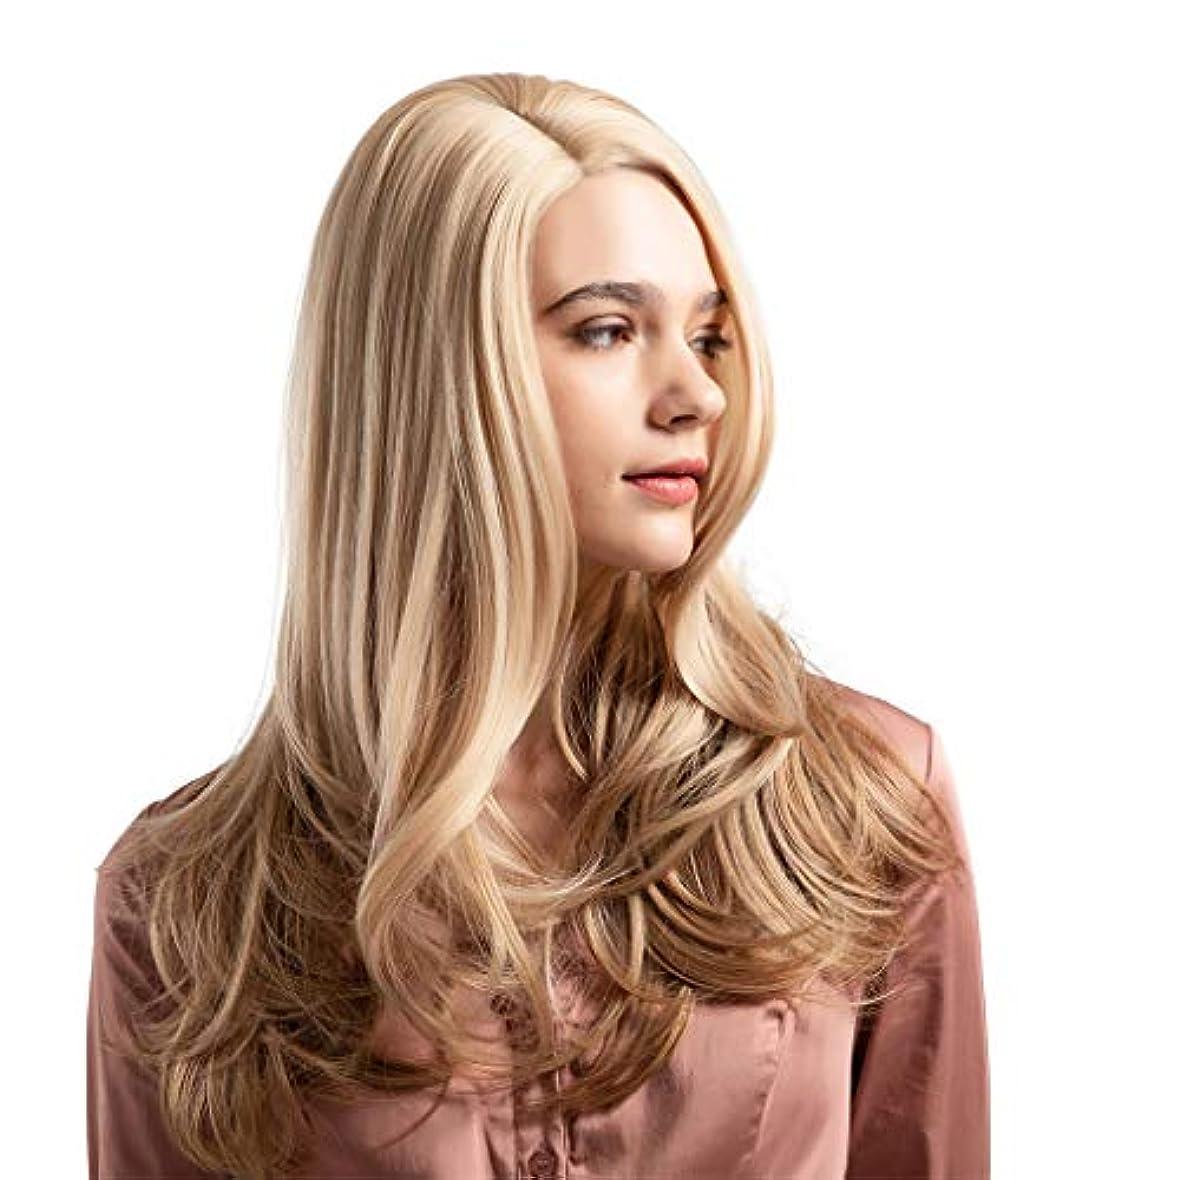 ポスト印象派バイナリ地下鉄ウィッグ女性黄金の大きな波状の巻き毛の高温シルクウィッグ22インチ